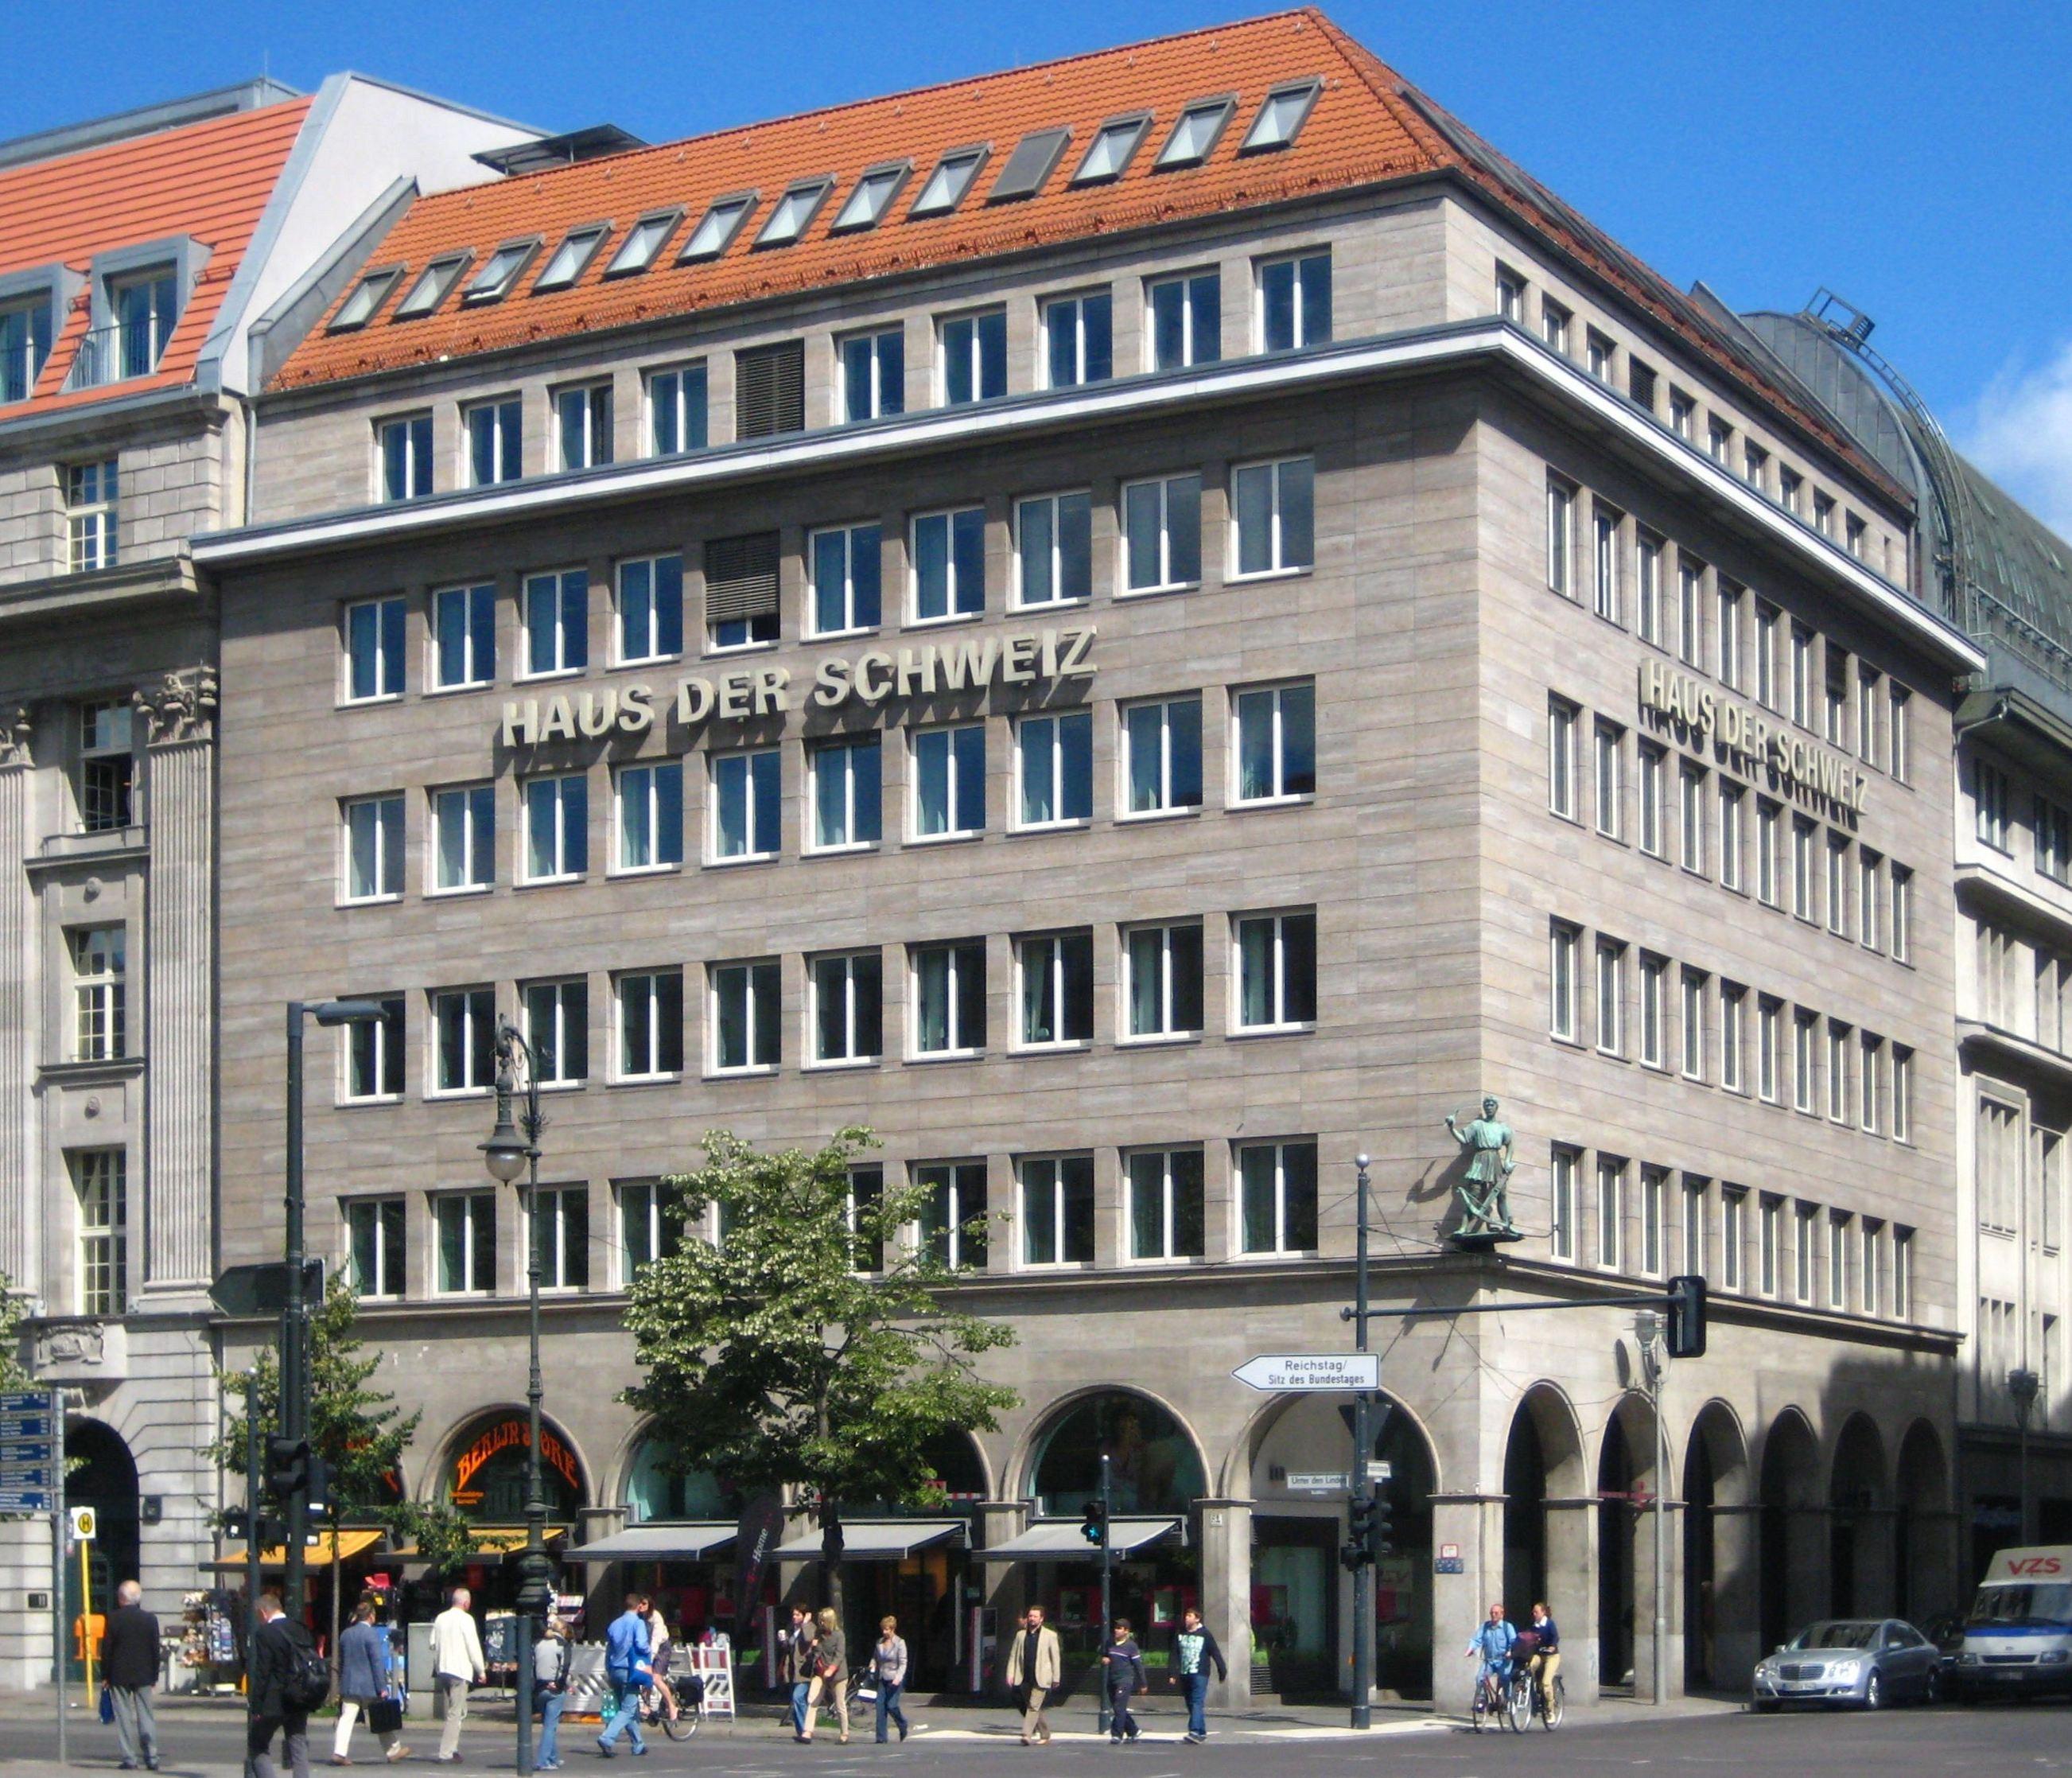 http://upload.wikimedia.org/wikipedia/commons/7/73/Berlin,_Mitte,_Unter_den_Linden,_Haus_der_Schweiz_01.jpg